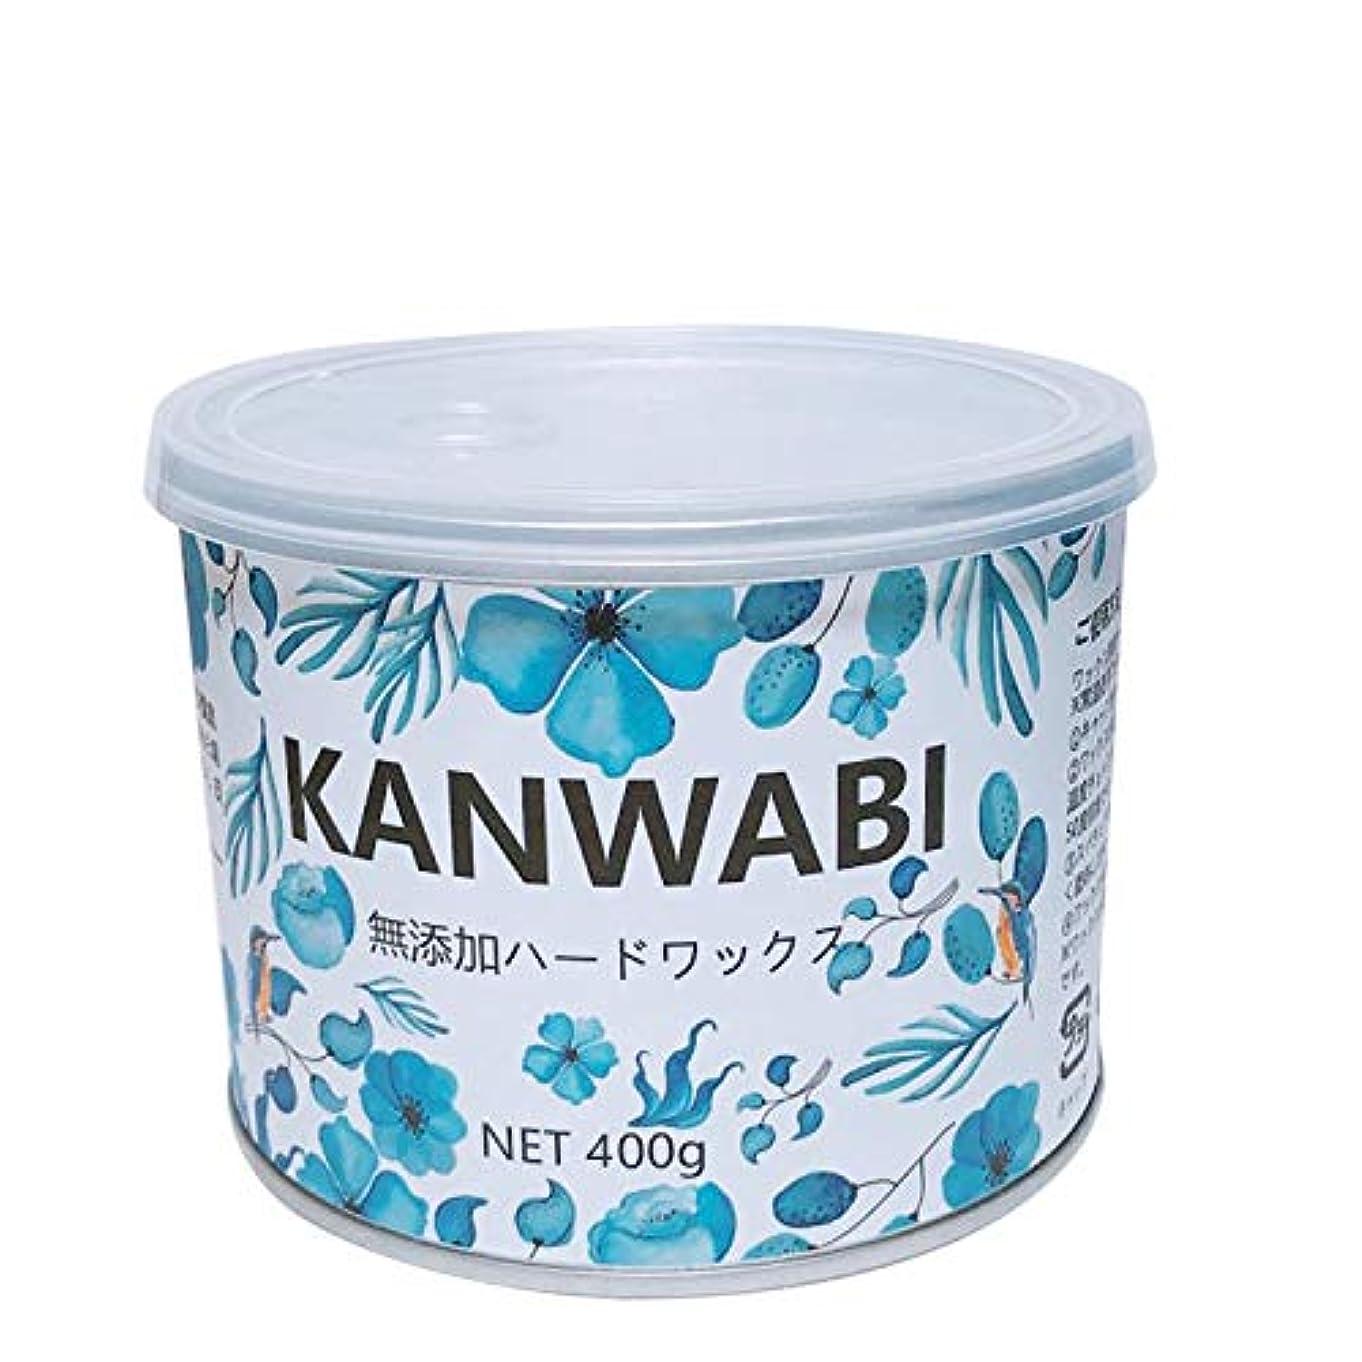 レタス家庭信者KANWABI 日本製脱毛ワックス ハードワックス400g